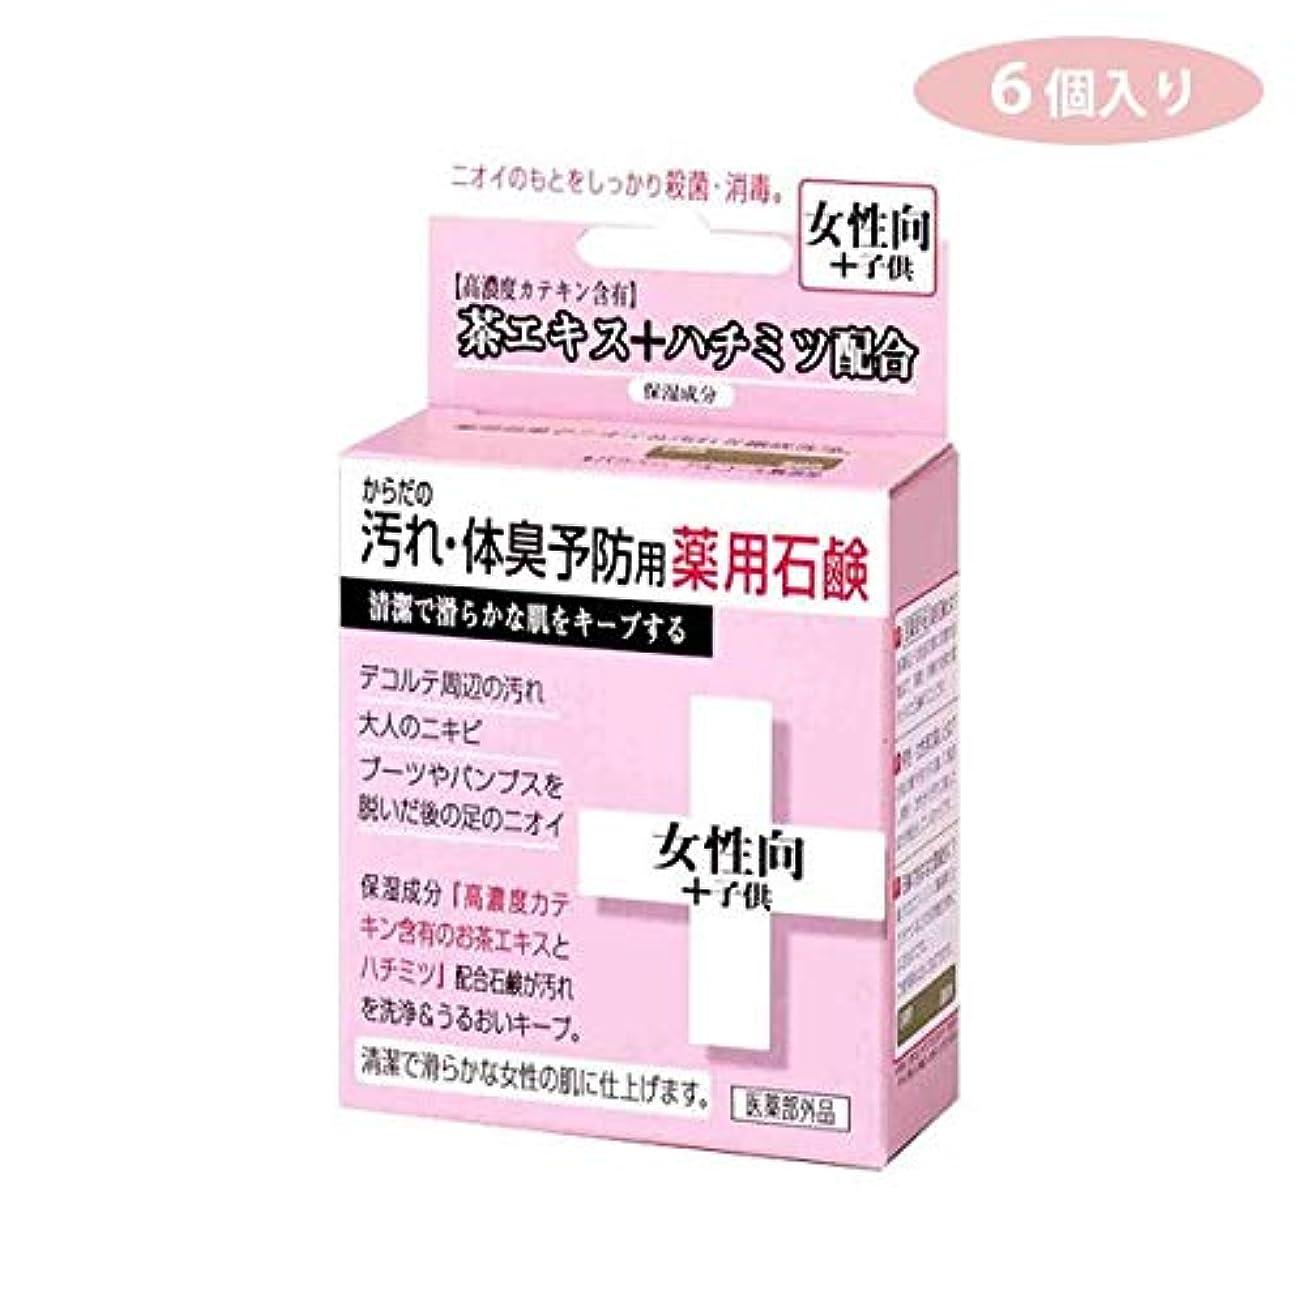 拮抗する賠償バースCTY-SF 6個入り からだの汚れ?体臭予防用 薬用石鹸 女性向き